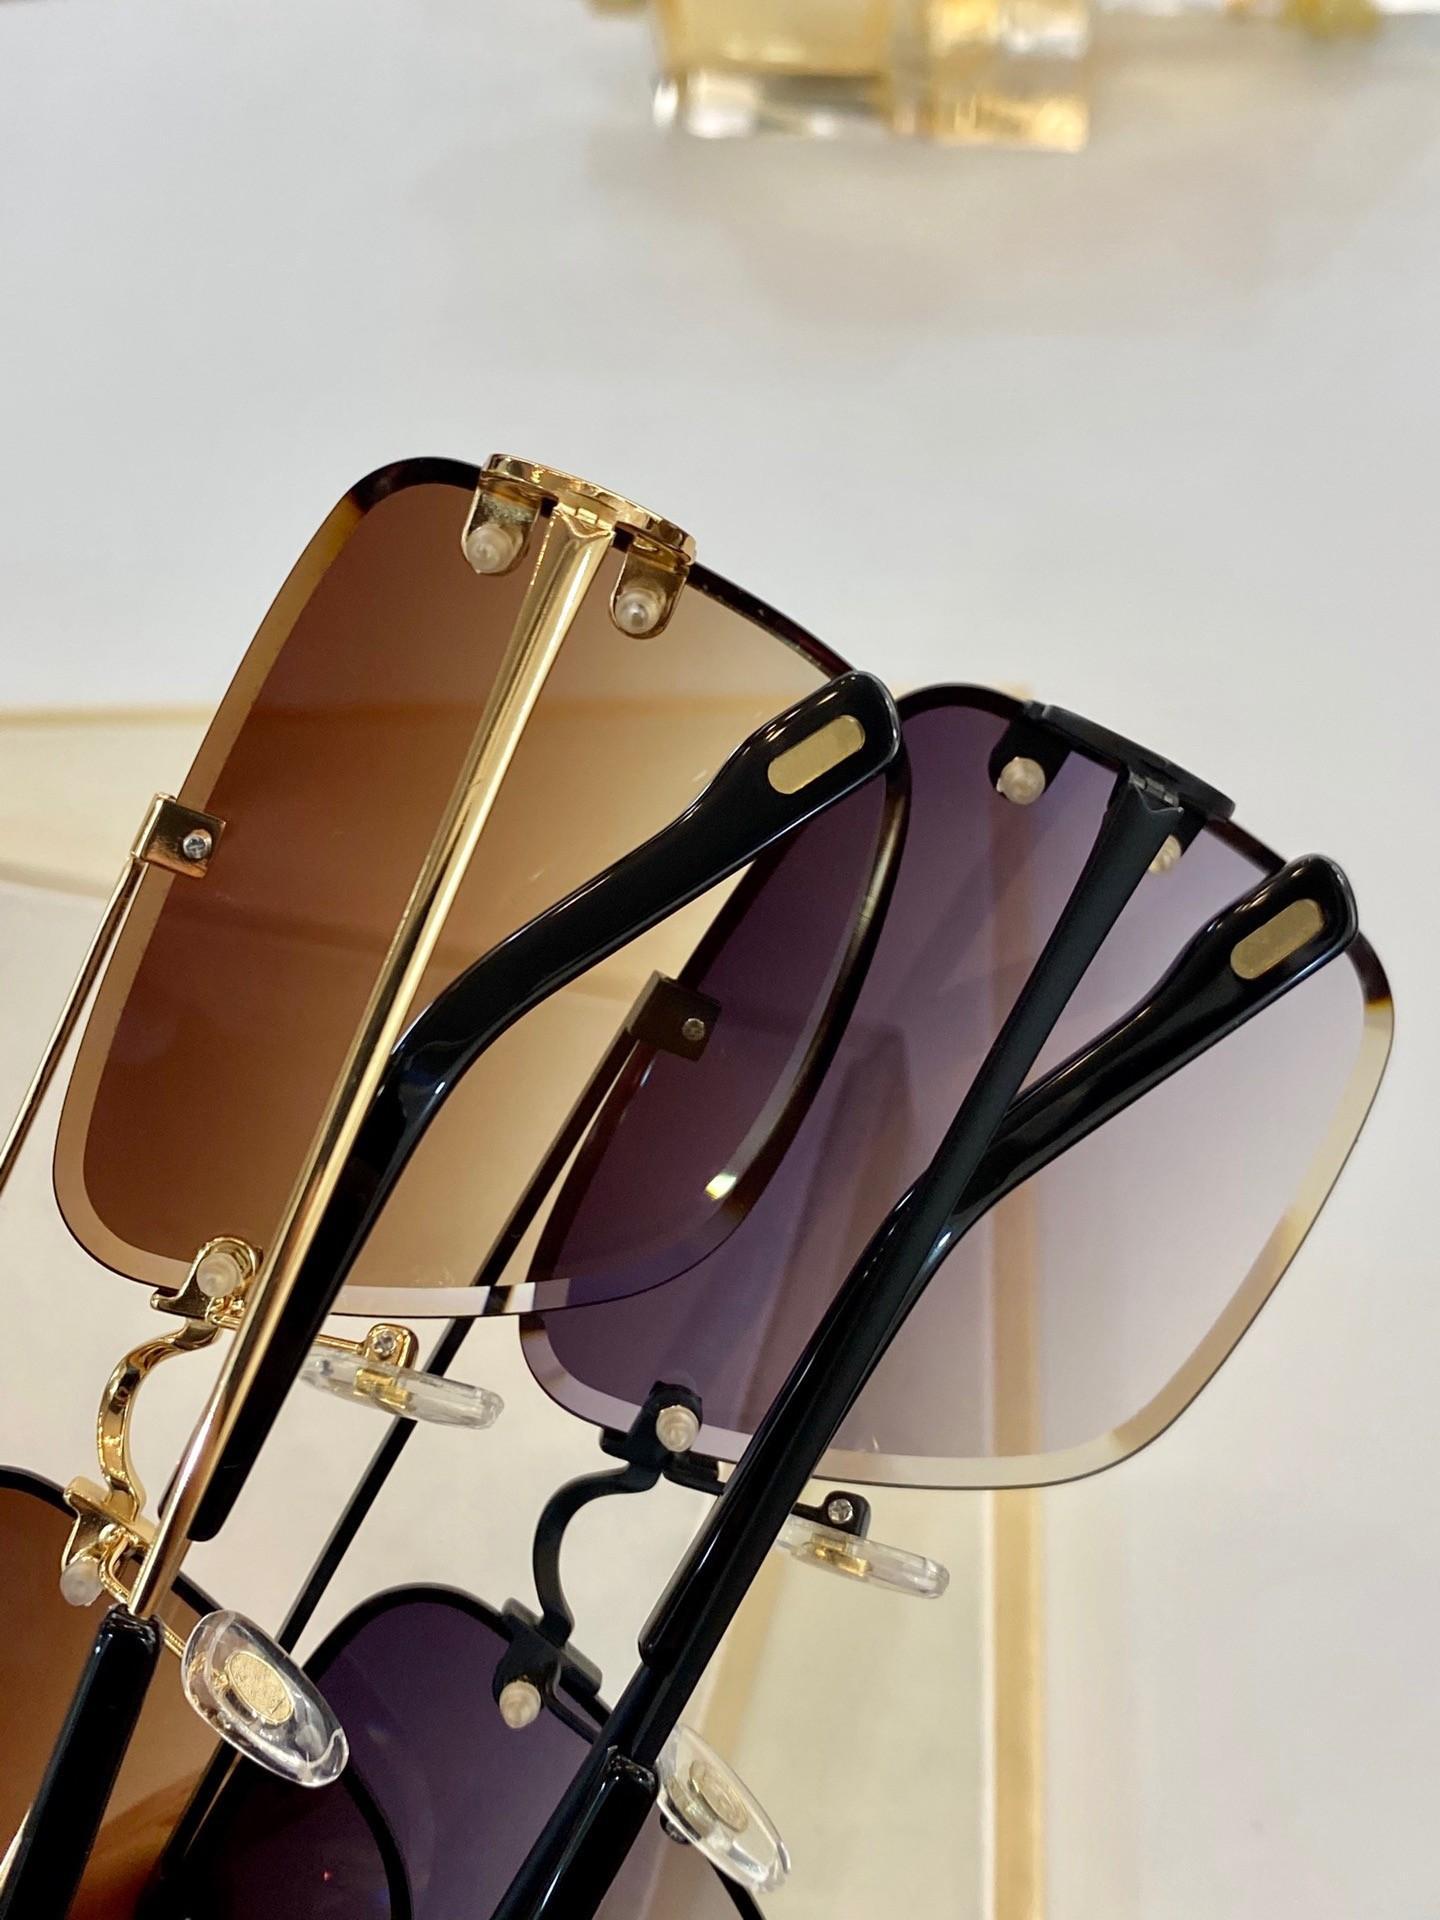 Novo com Qualidade 0268 Olhos Óculos de Sol Homens Óculos de Sol Protege Gafas Sol Estilo Caso Mens Top de Moda Lunettes de Sol Óculos Soleil W Lglx